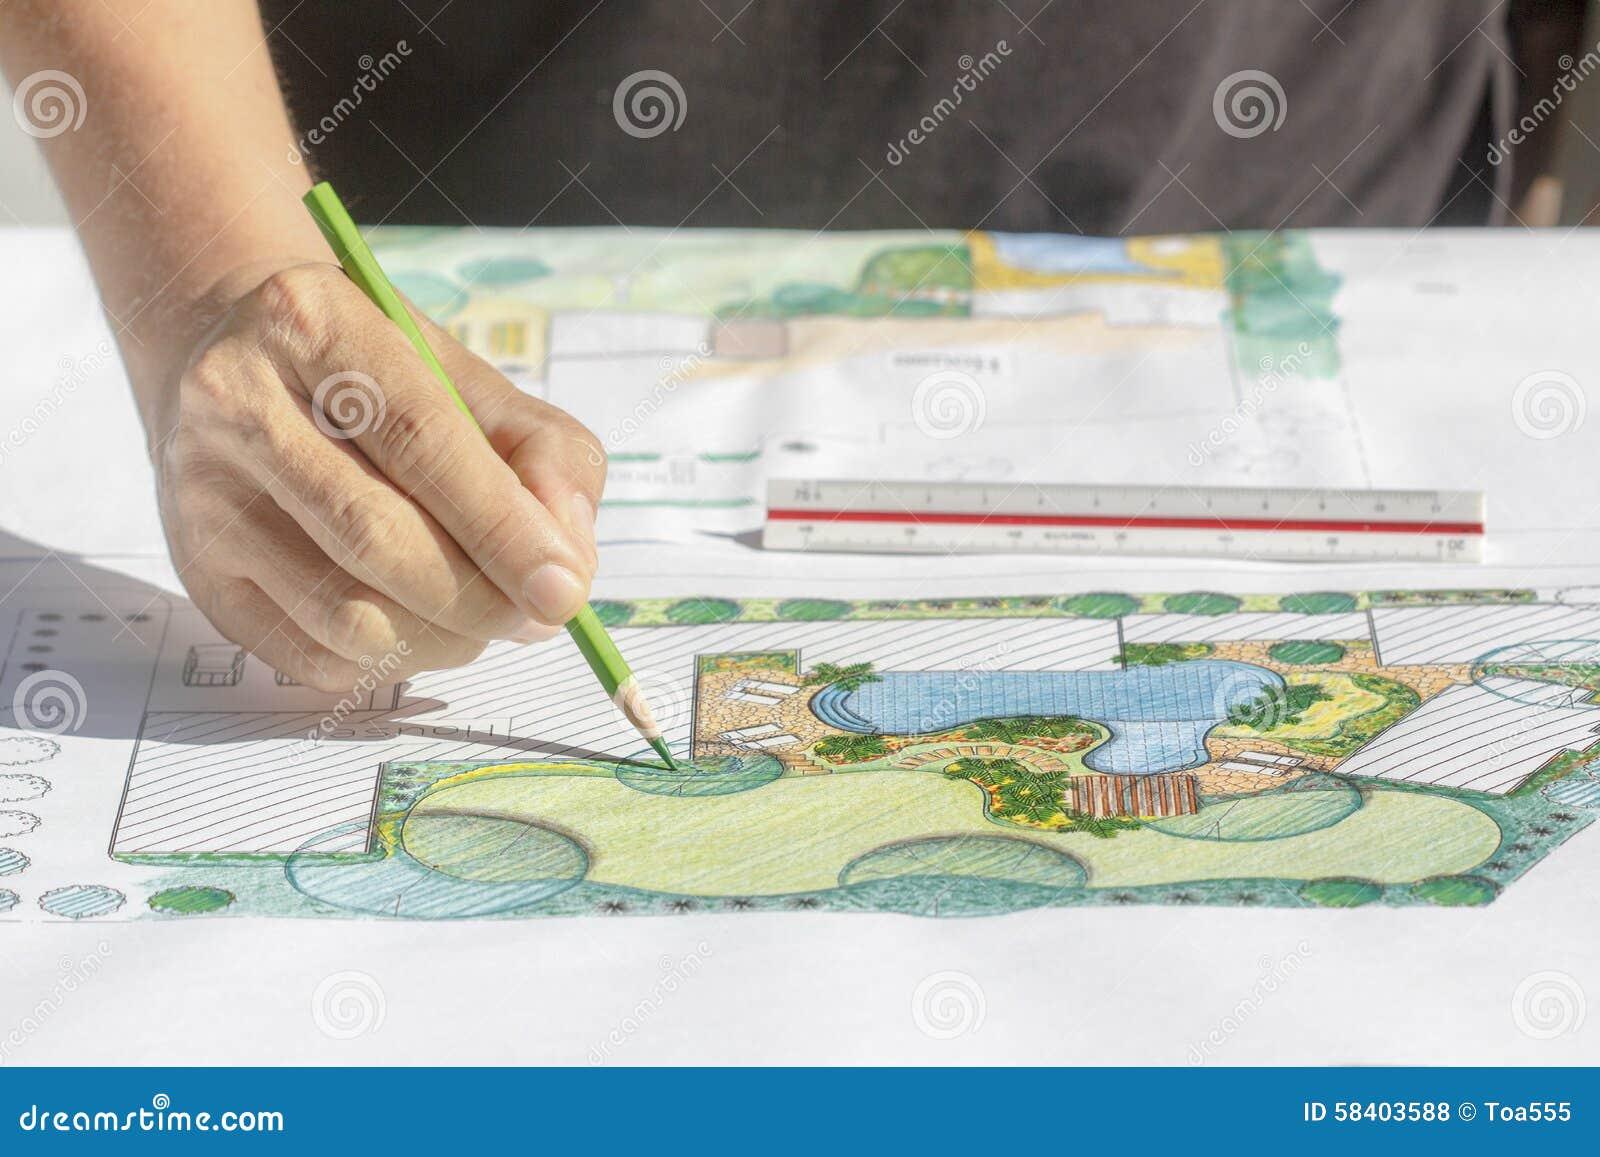 园艺师设计别墅的后院计划